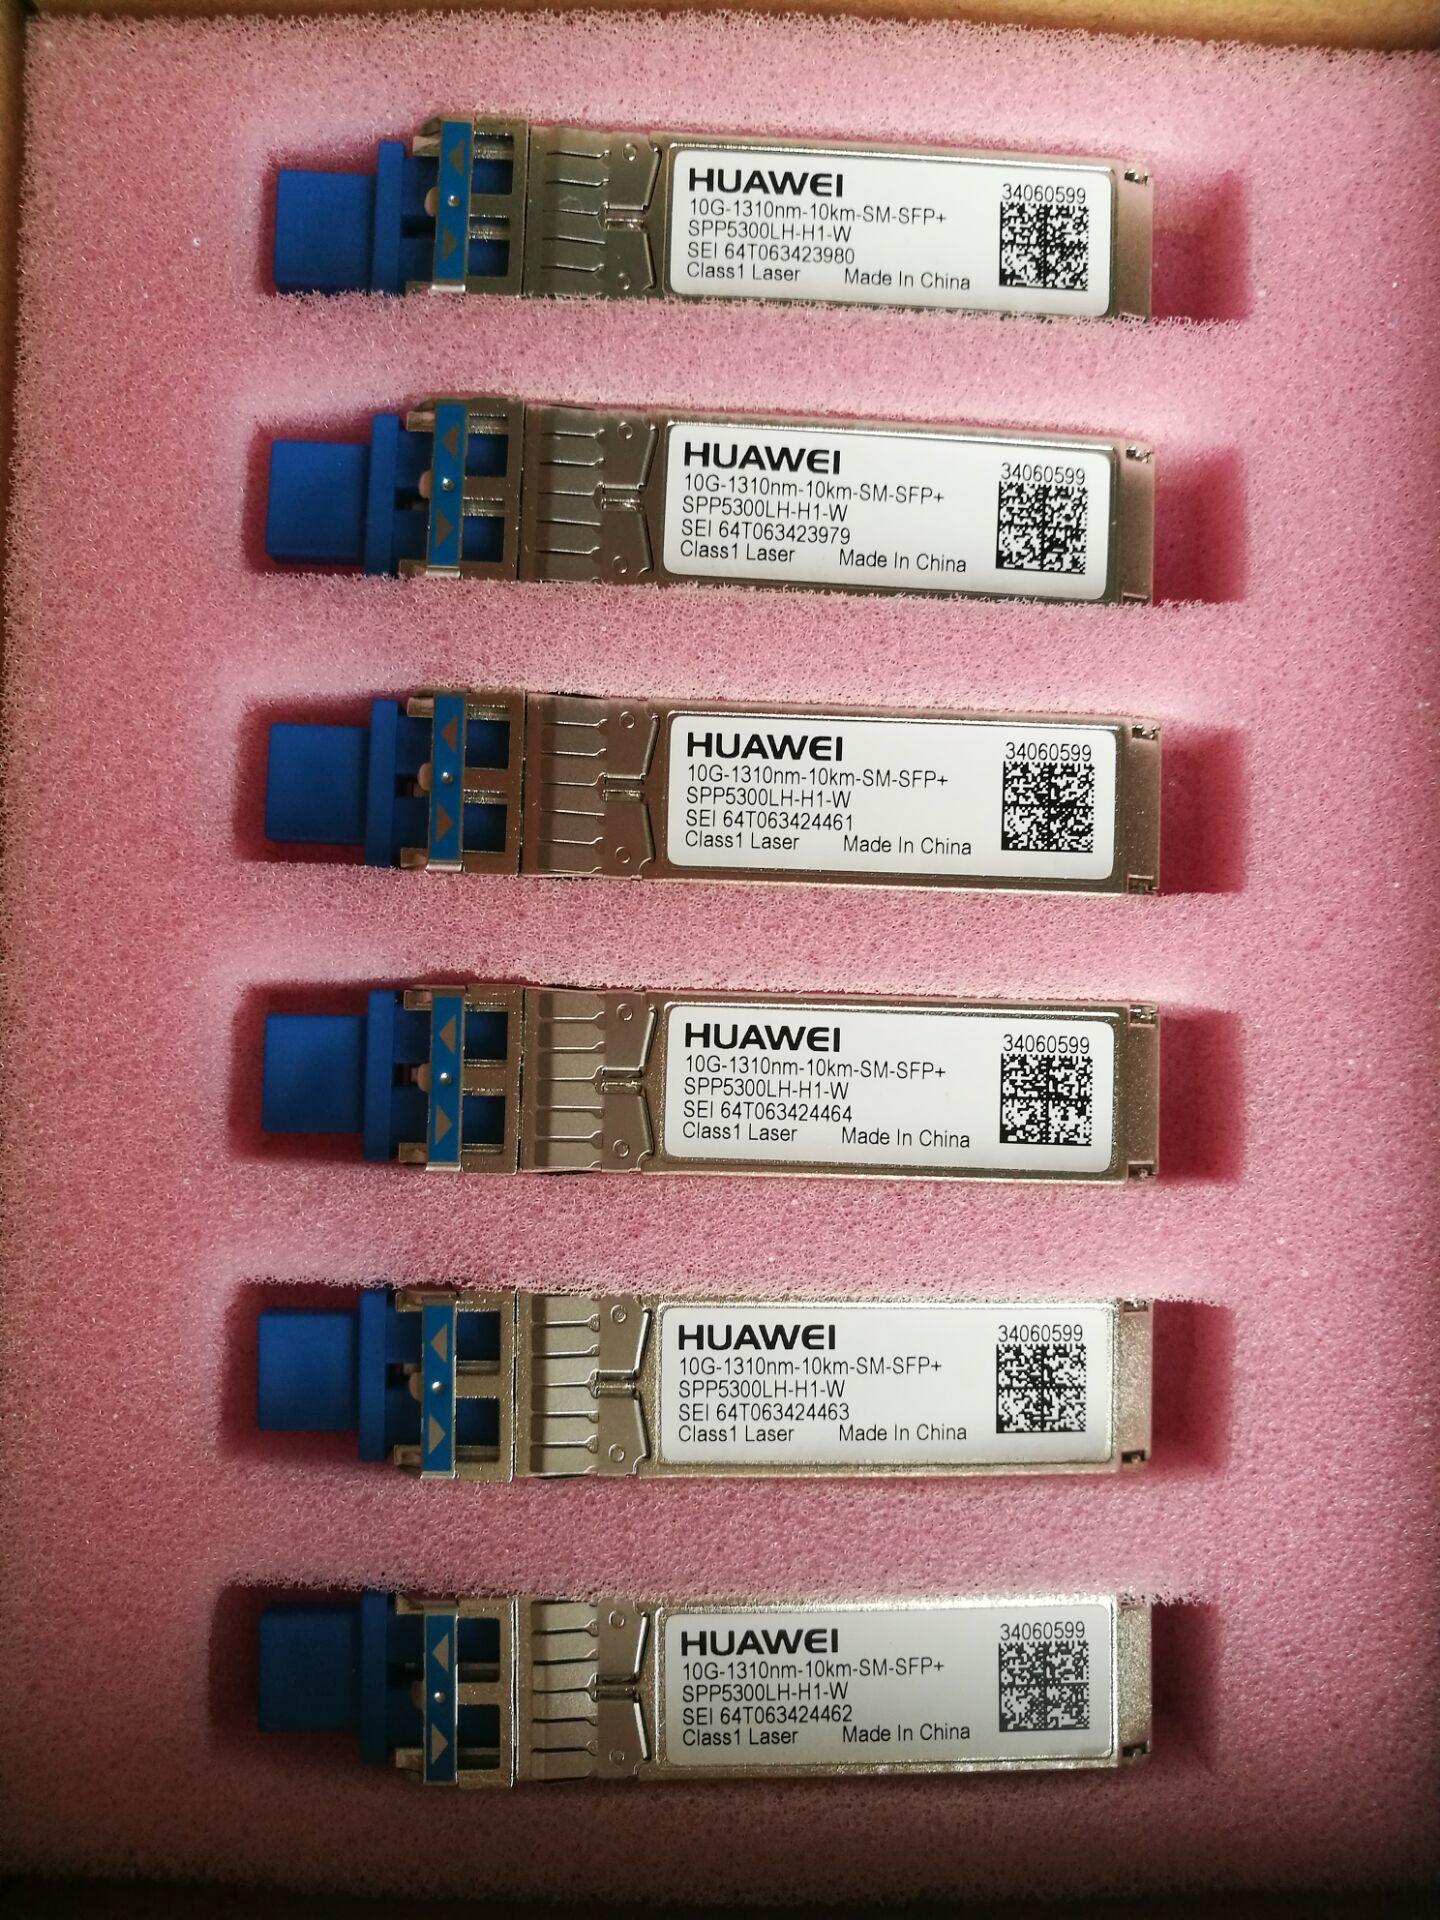 מקורי 34060599 10G-1310nm-10km-SM-SFP + SPP5300LH-H1-W 10g-1310-ננומטר-10 קילומטר-SM-SFP + SPP5300LH -H1-W אור מודול